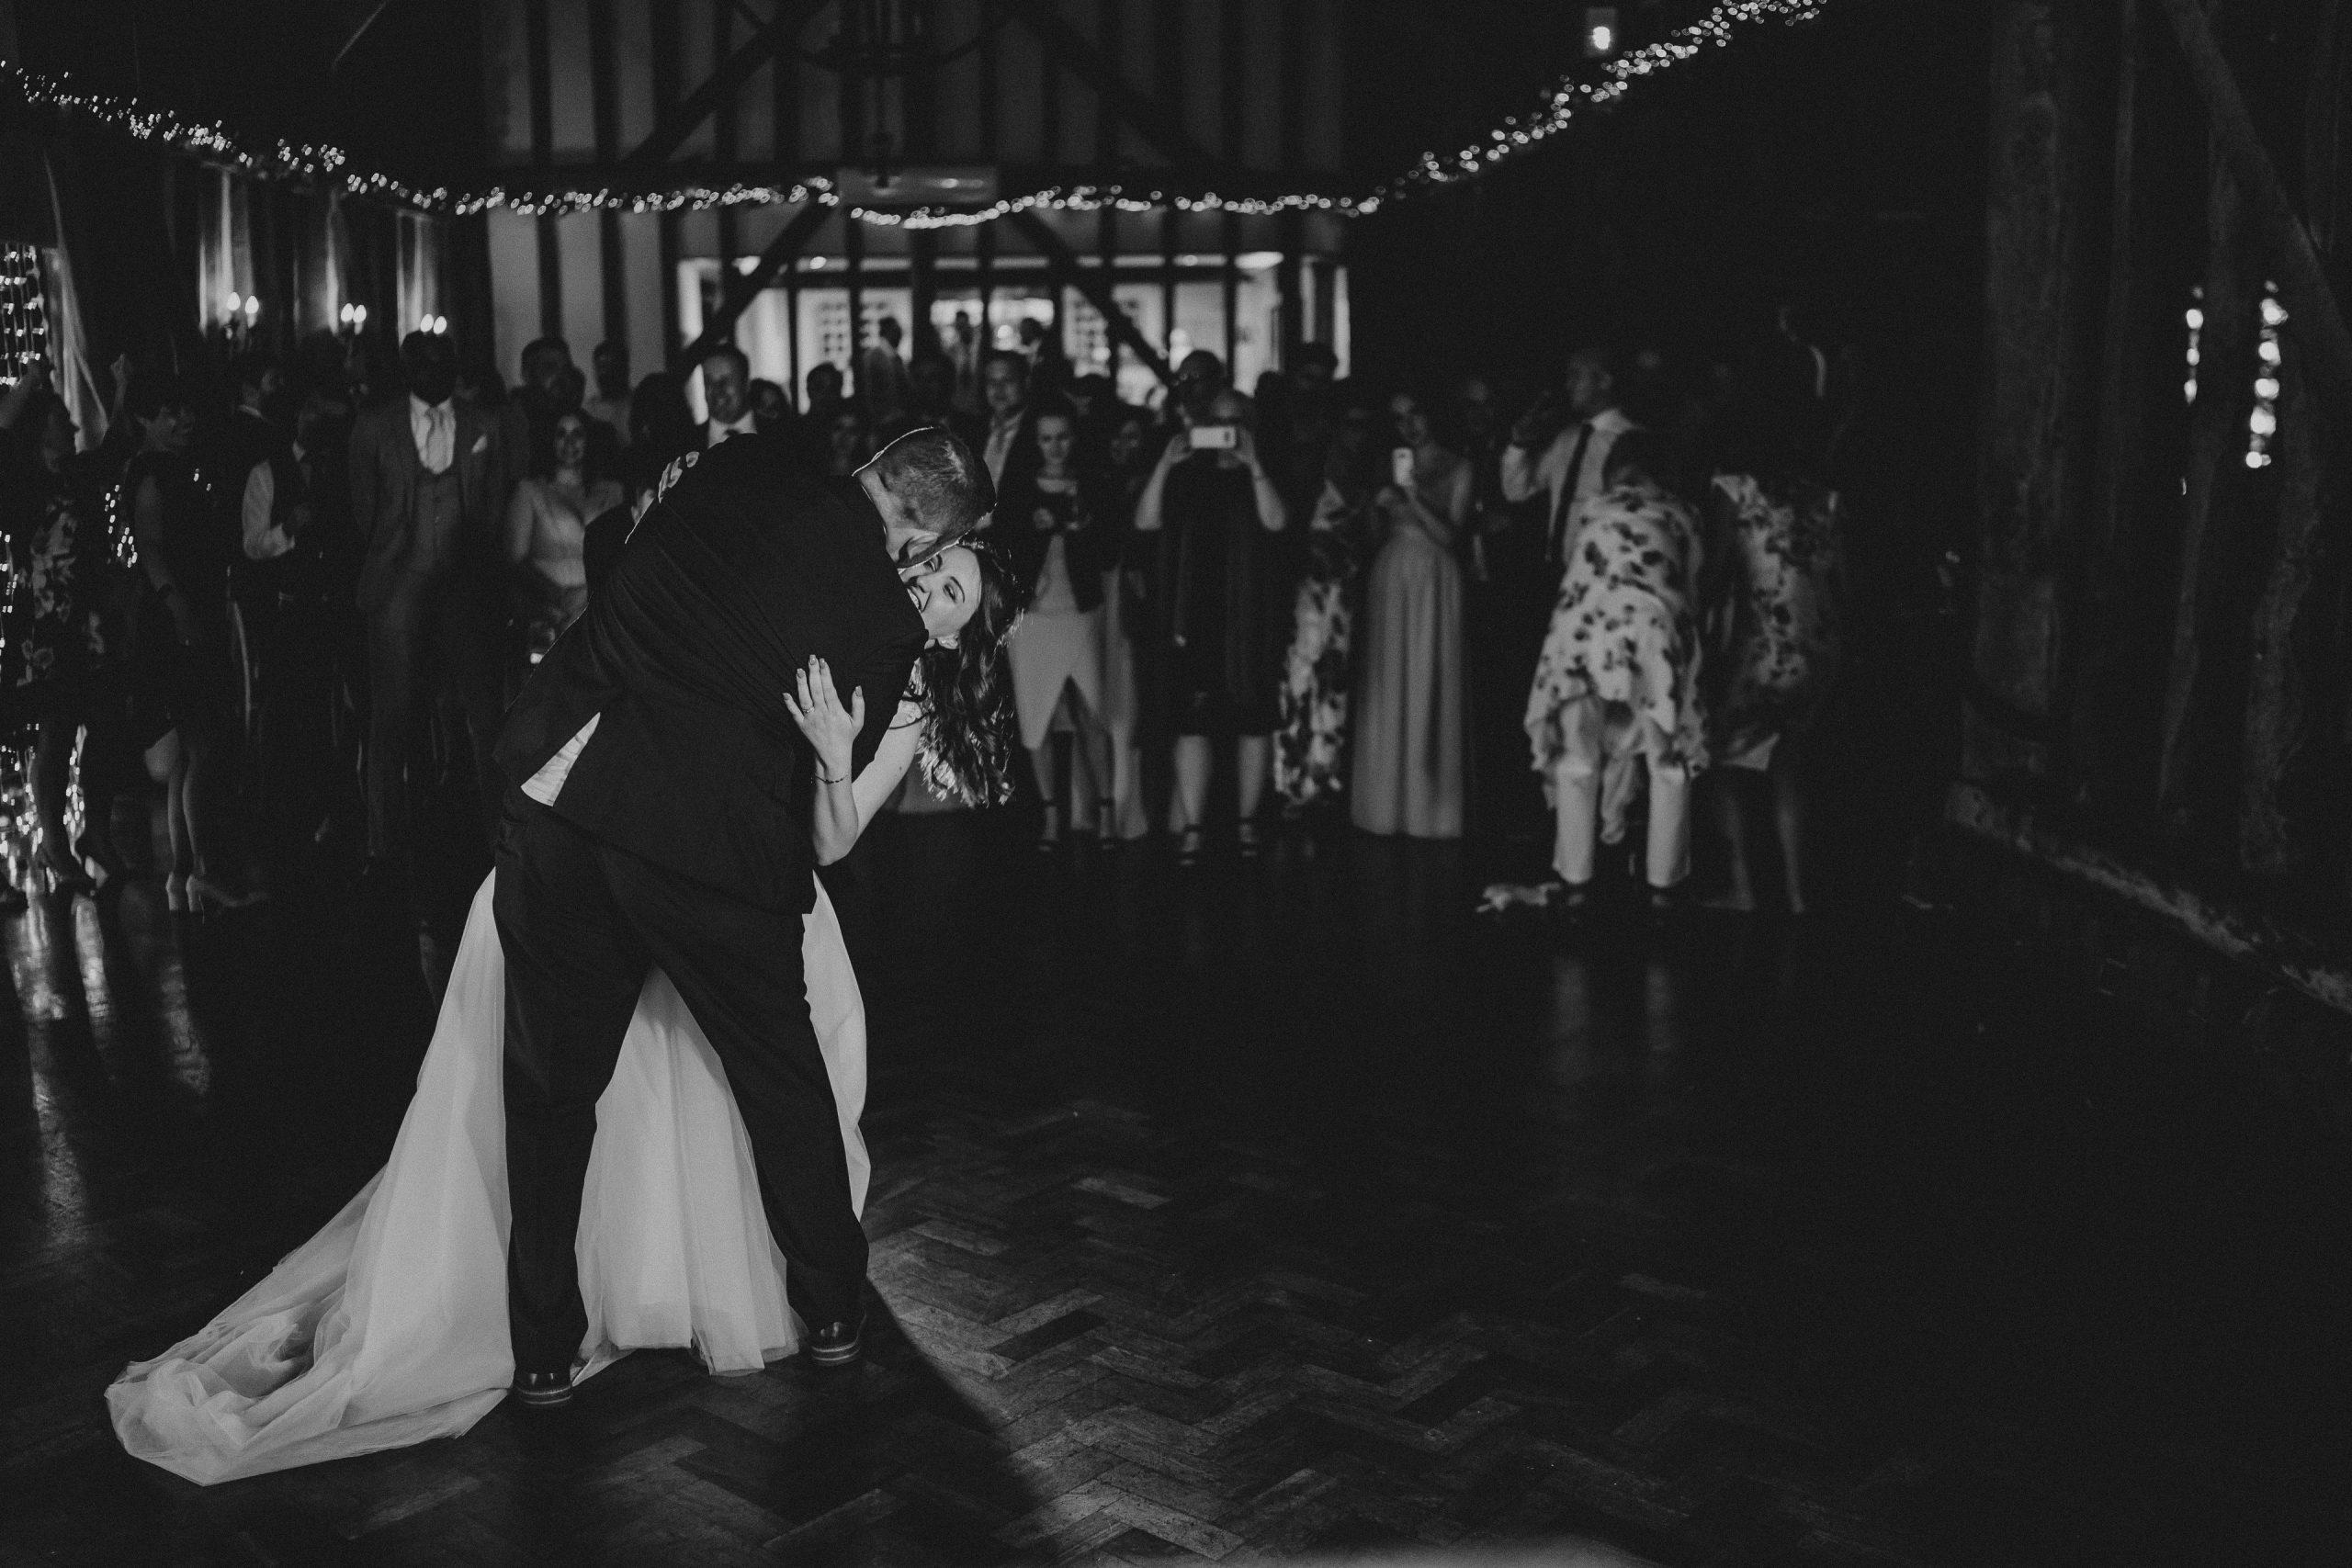 Bride and groom wedding dance photo| Wedding photography